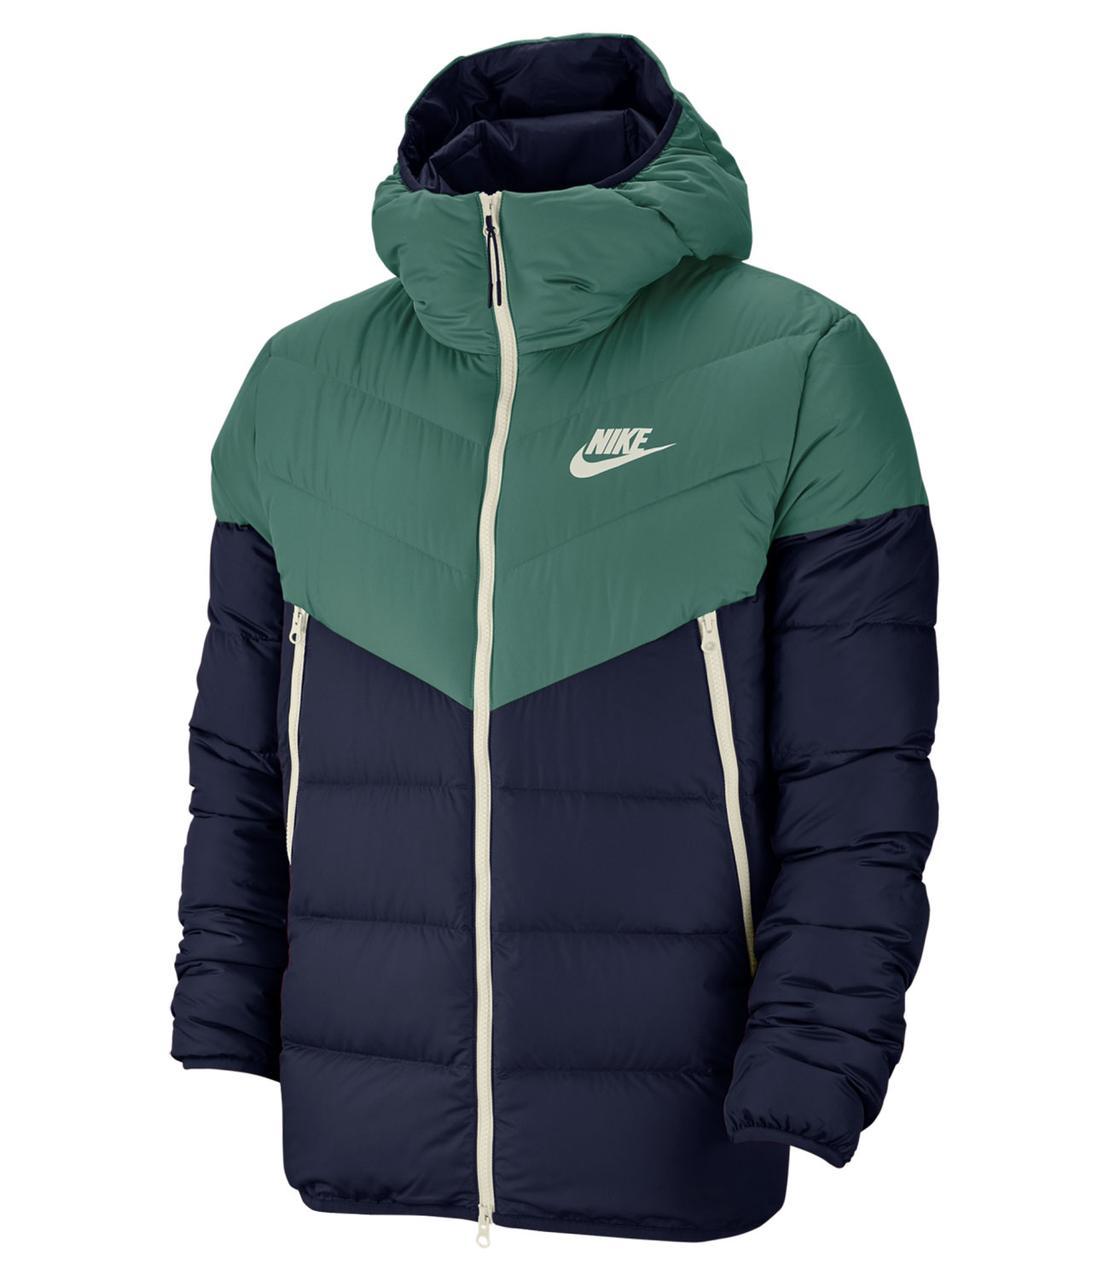 Куртка зимняя мужская Nike Sportswear Down Fill Windrunner Jacket Зеленая 928833-362